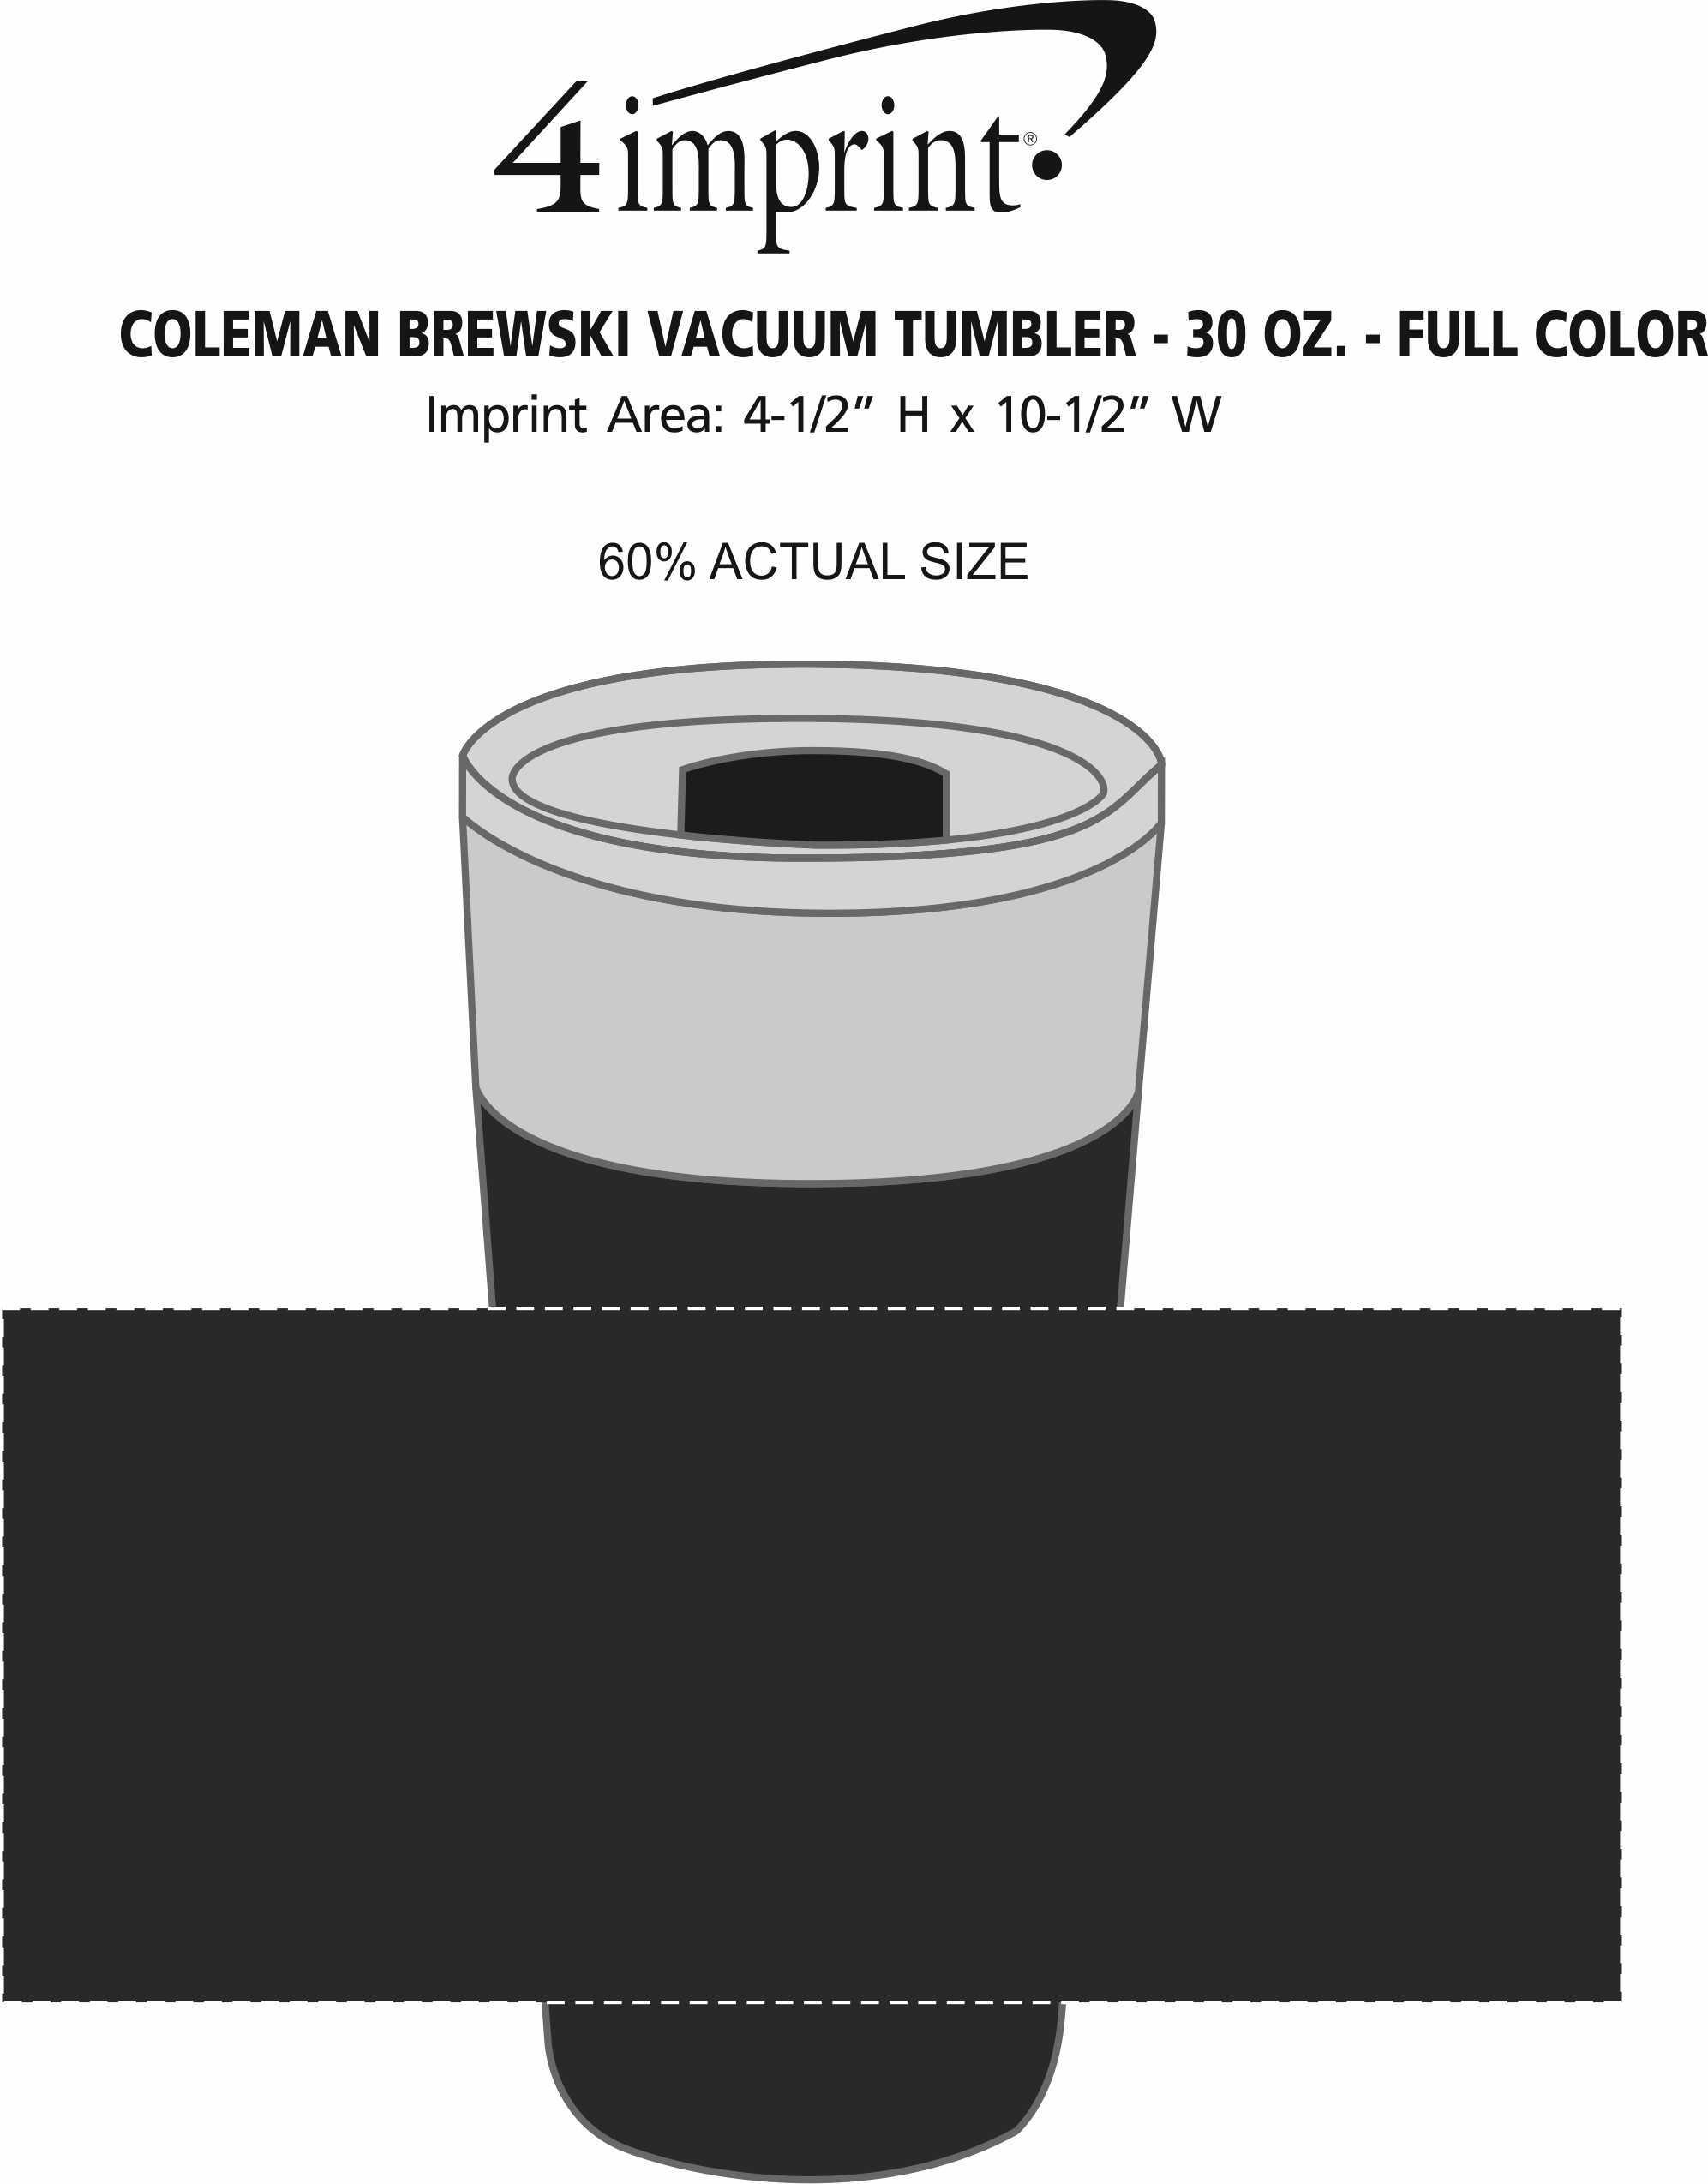 Imprint Area of Coleman Brewski Vacuum Tumbler - 30 oz. - Full Color